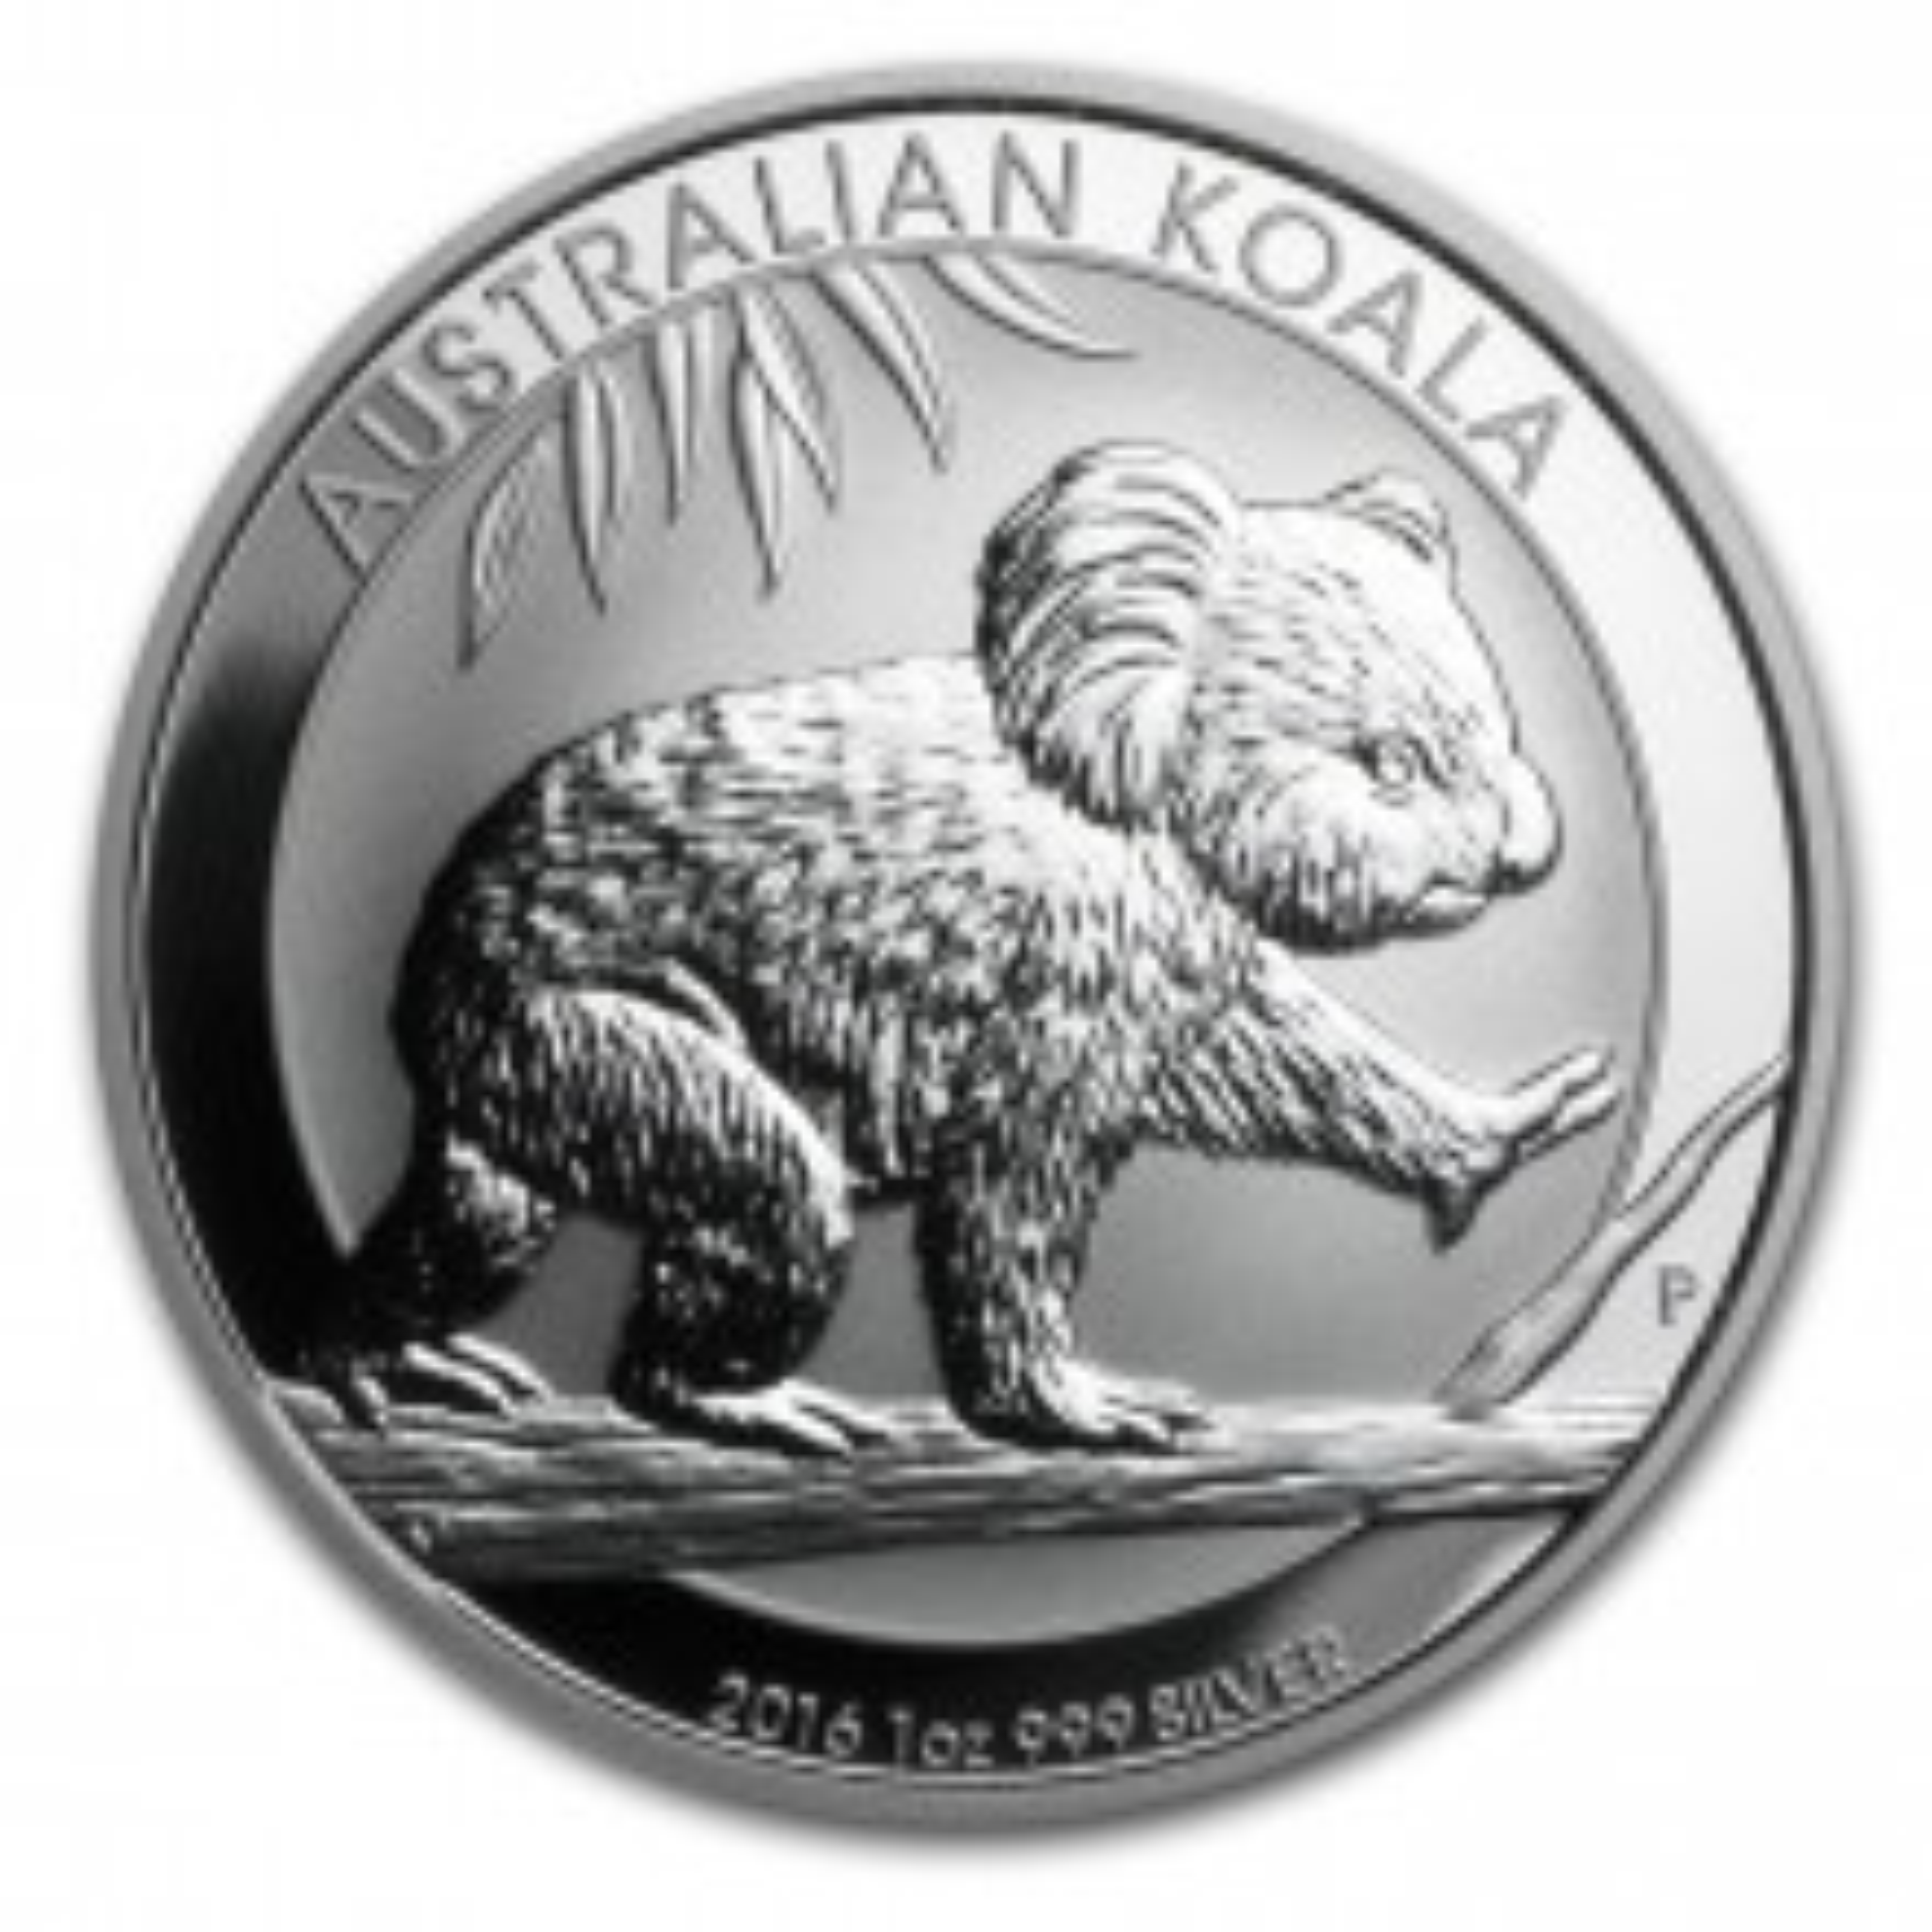 1 troy ounce silver Koala coins 2016